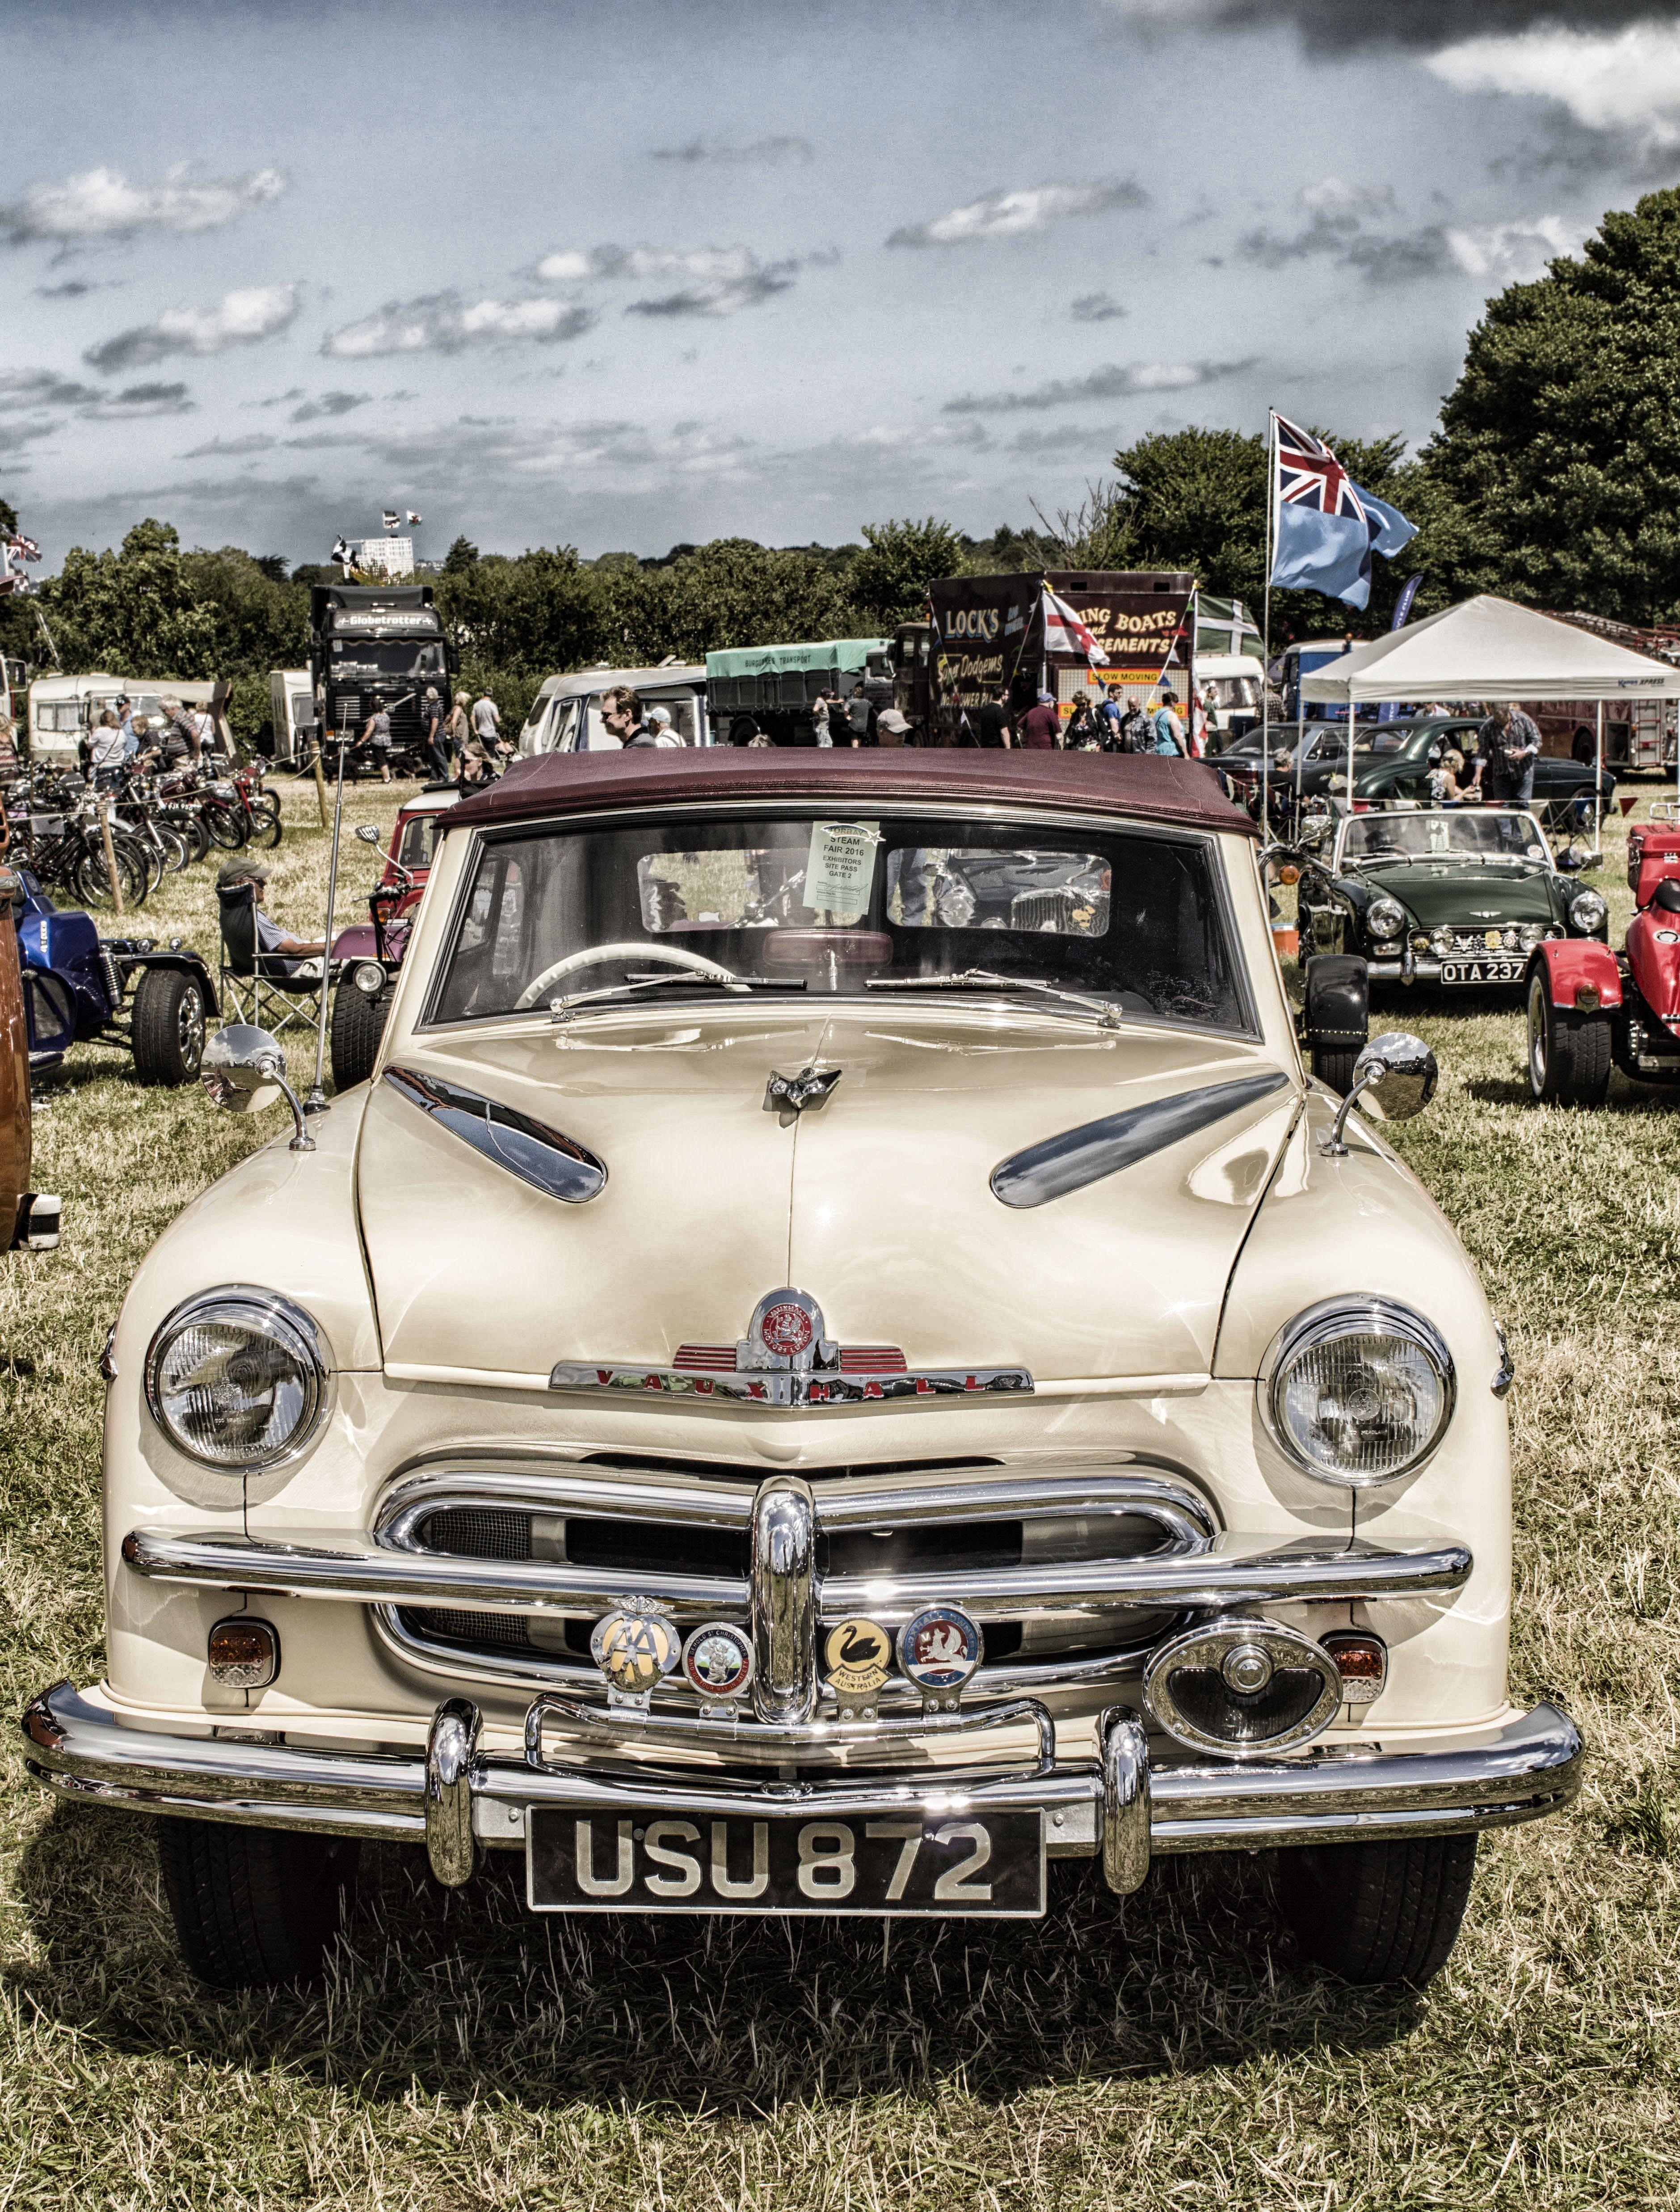 Foto profissional grátis de automóvel, carro antigo, carro clássico, carro vauxhall